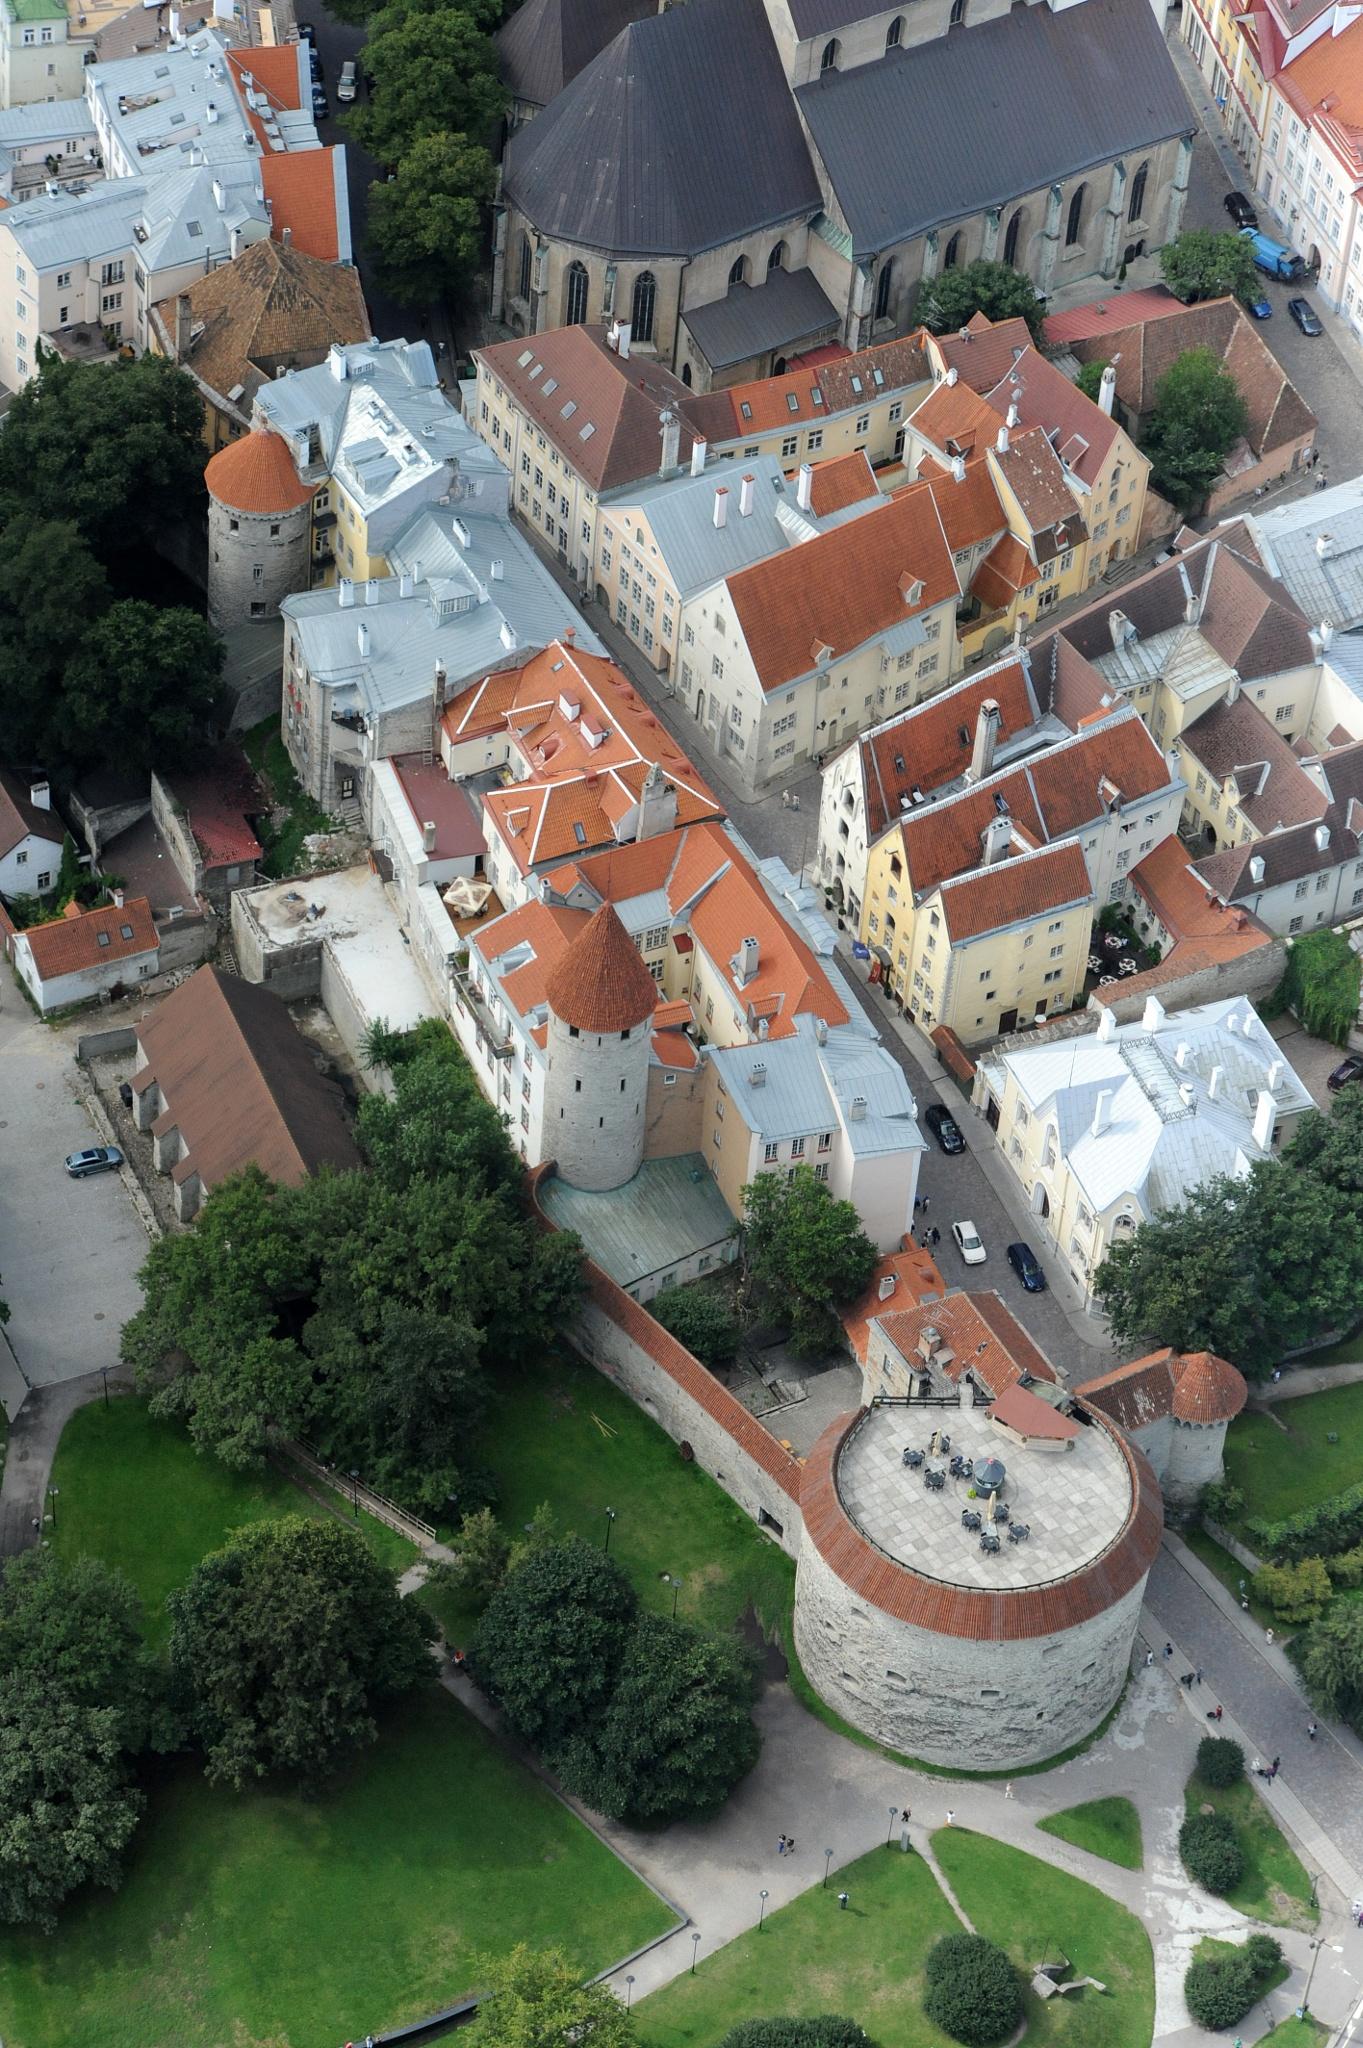 Tallinn, Estonia by Lasse Tur